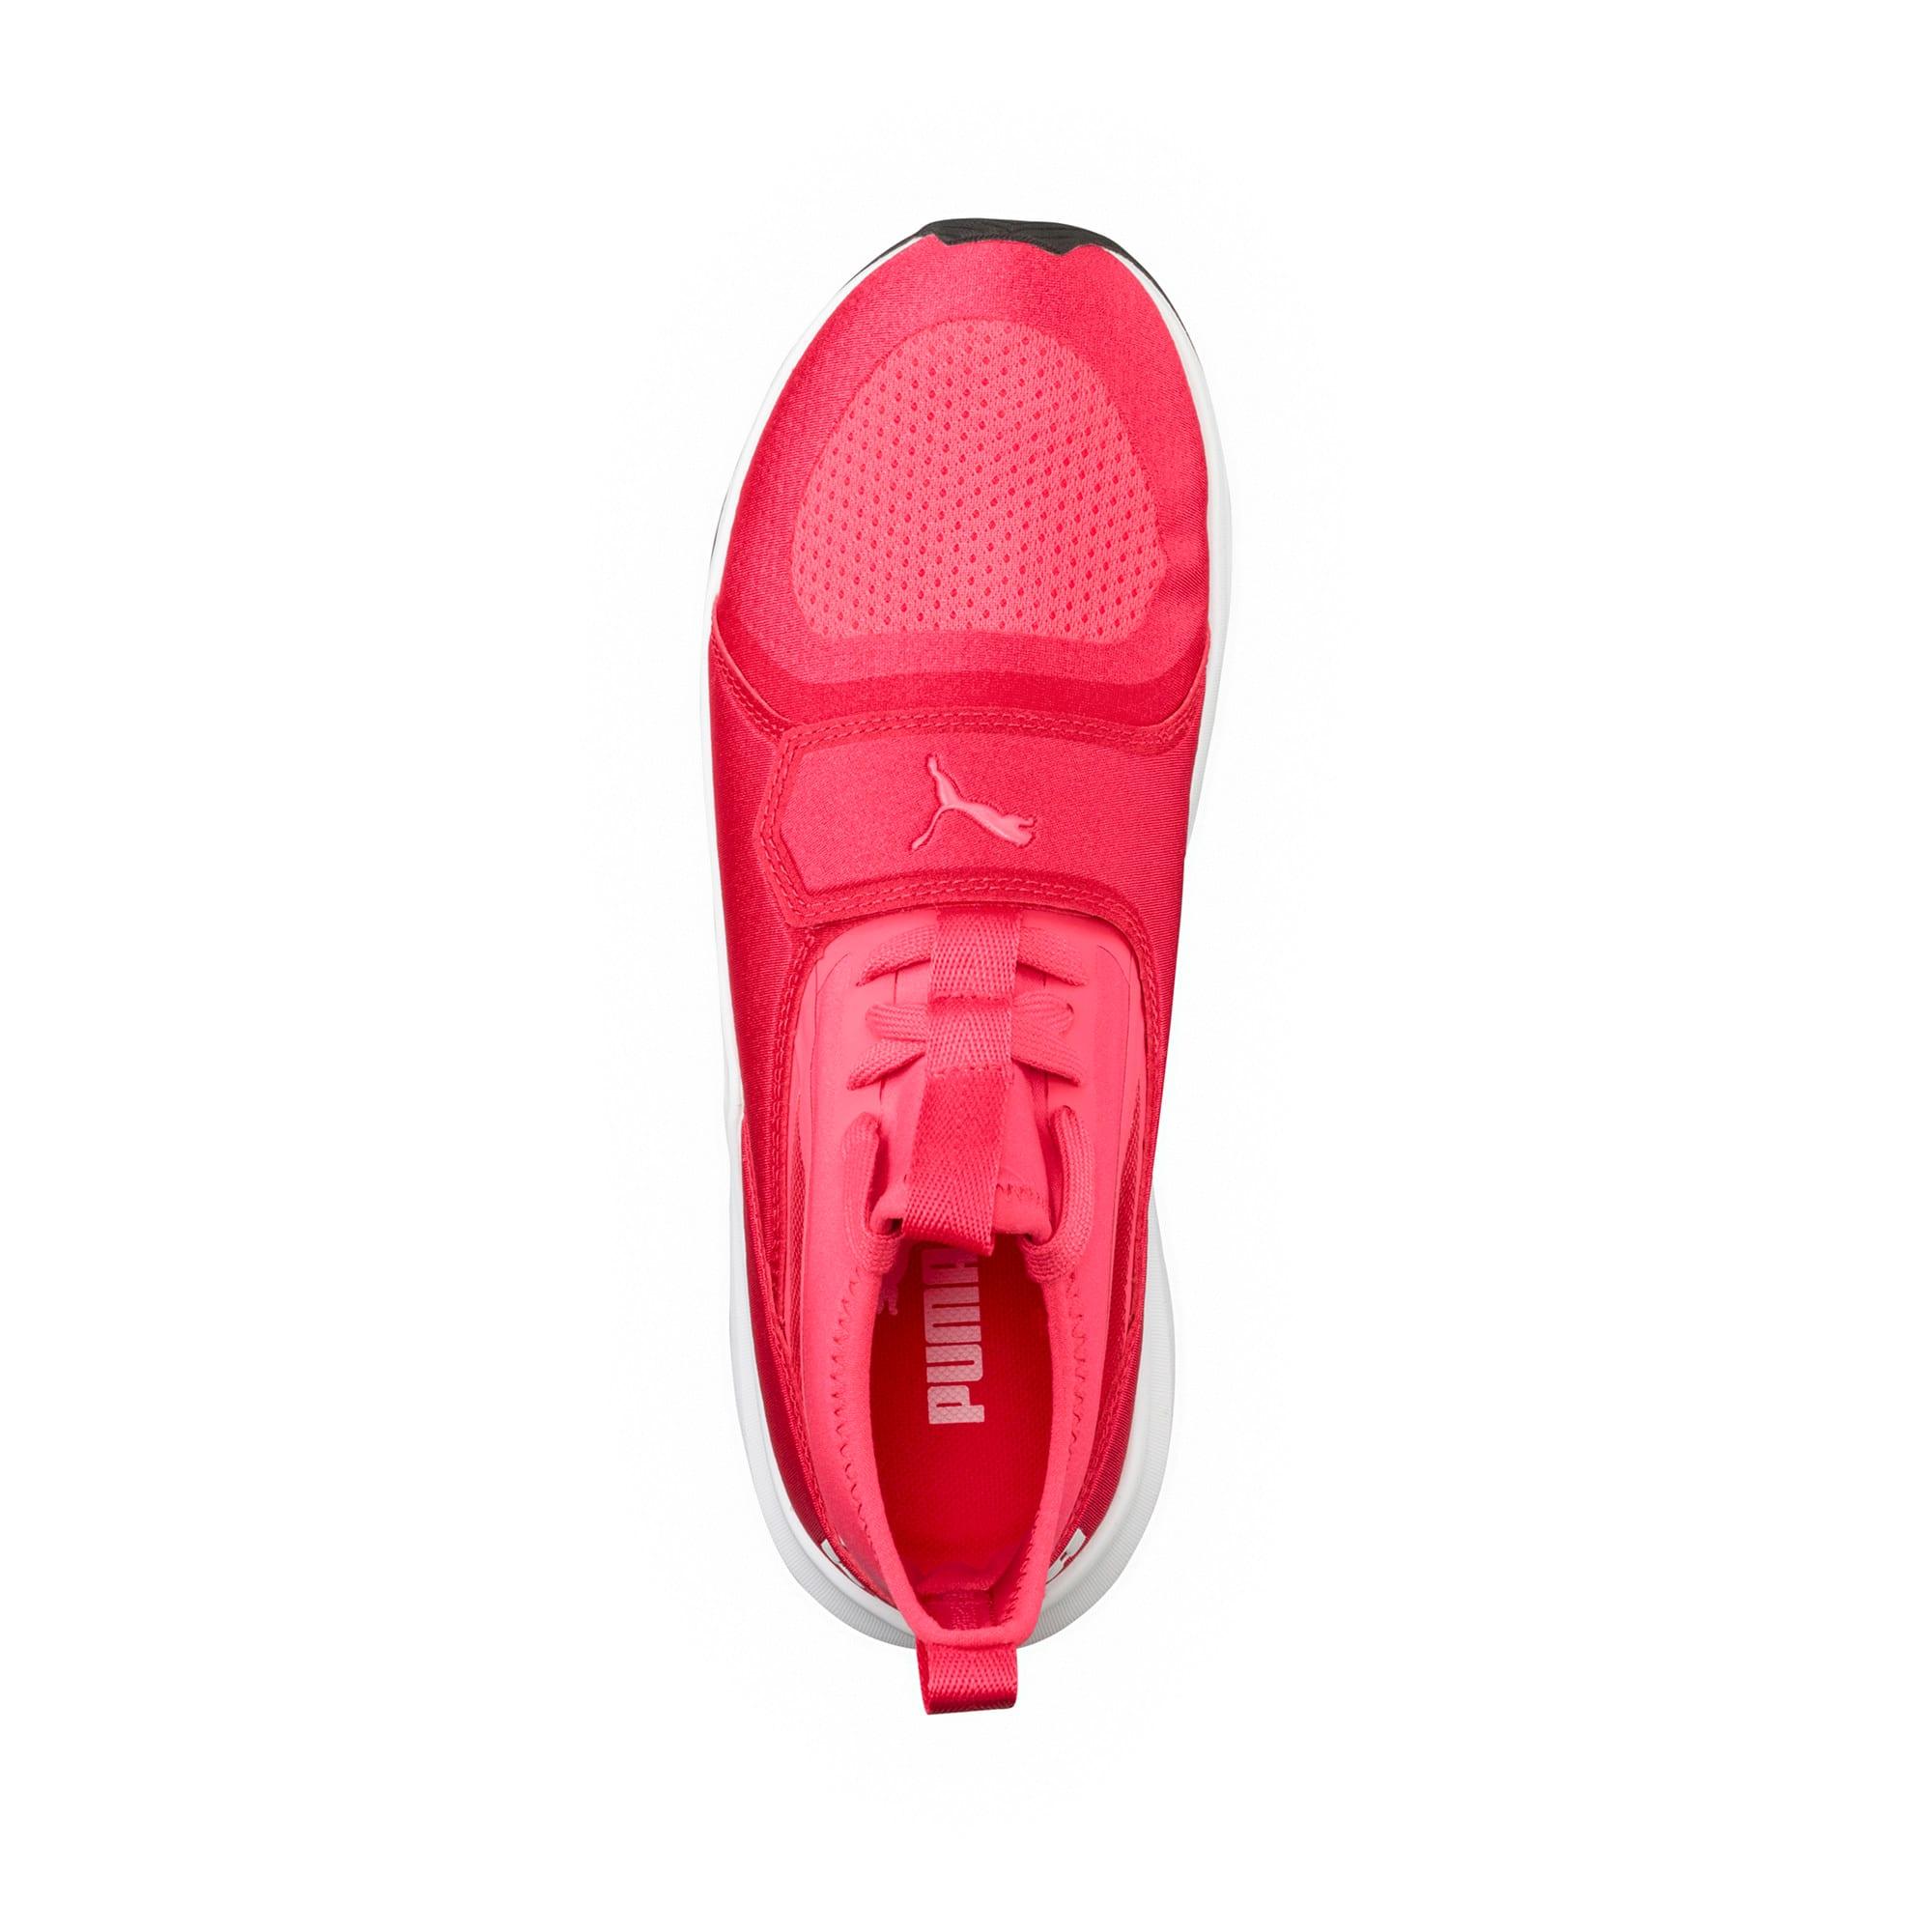 Thumbnail 5 of Phenom Women's Training Shoes, Paradise Pink-Puma White, medium-IND